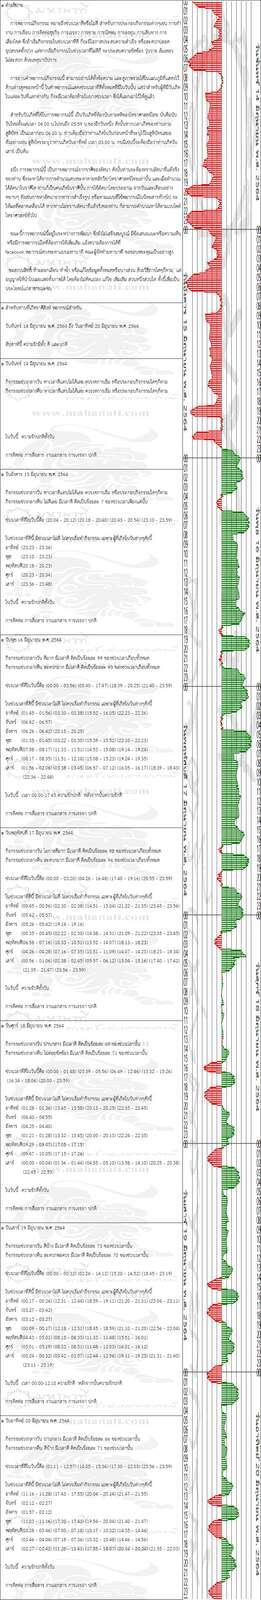 quf52t5amwAs6O4i1ZX1-o.jpg